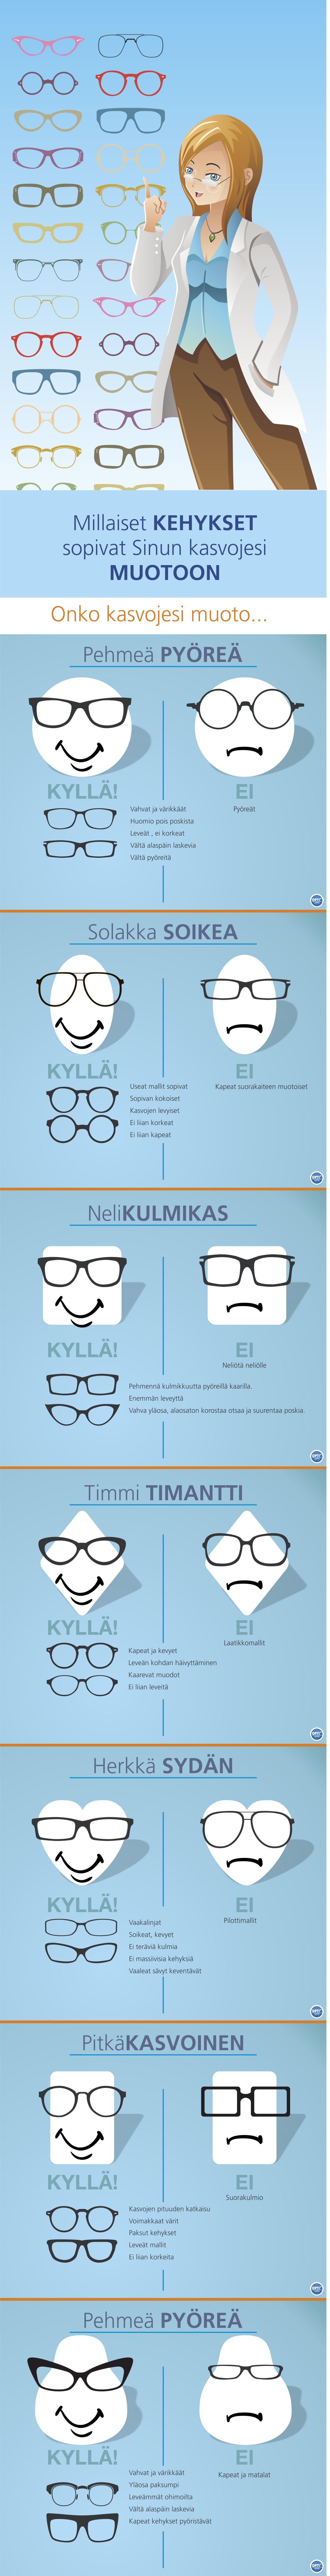 millaiset kehykset sopivat kasvonpiirteisiisi - OPTI+optiiko infograafi